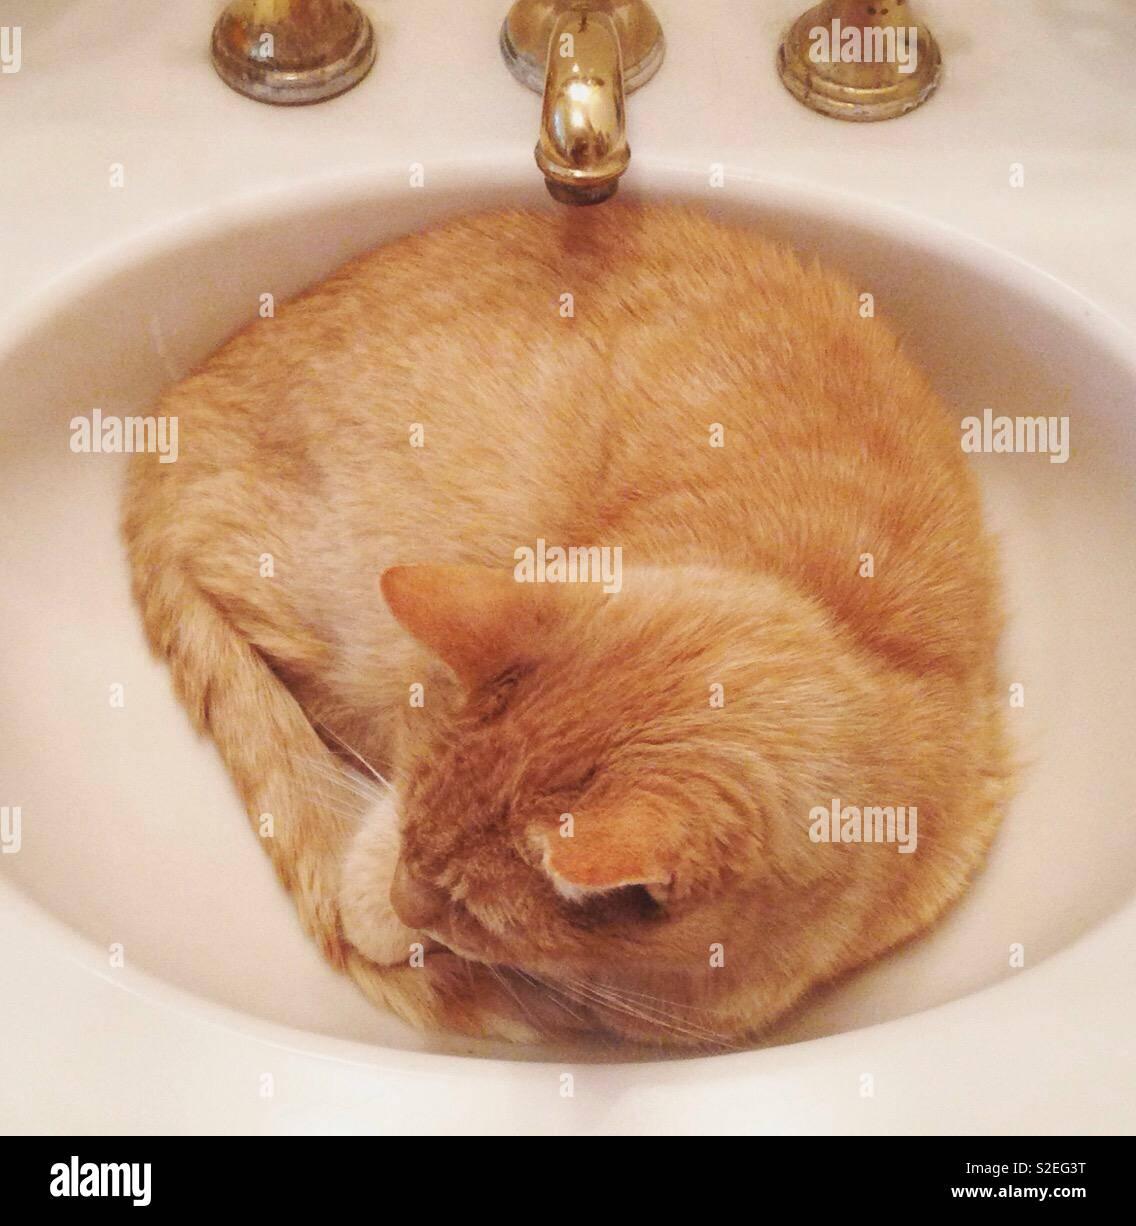 Cat in sink, Funny cat, Orange cat, Tabby, Orange tabby cat - Stock Image